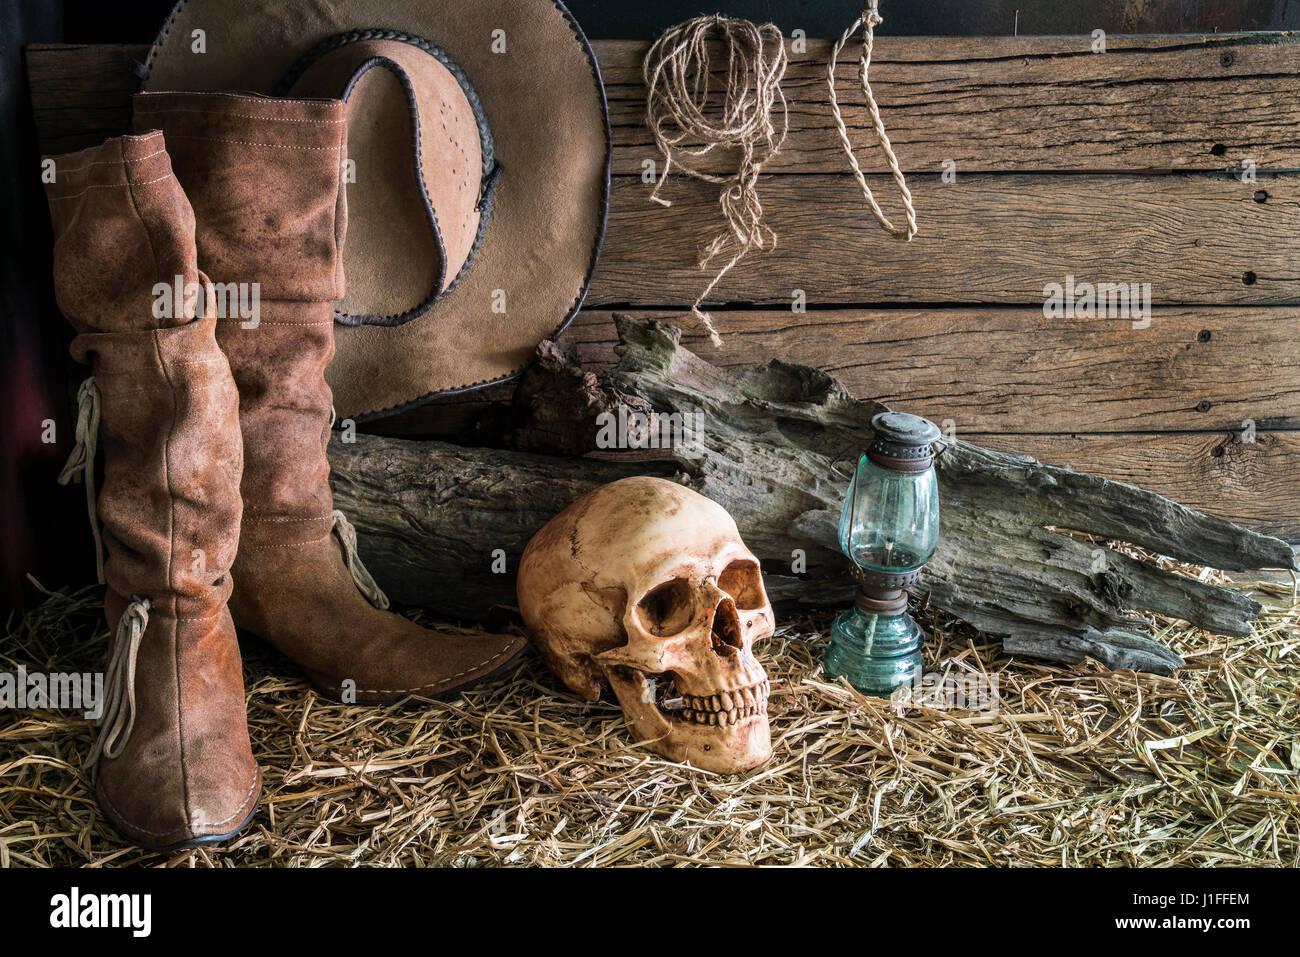 Bodegón con cráneo humano en heno con botas de cuero y tradicional rodeo  del oeste americano ccfff4f6476